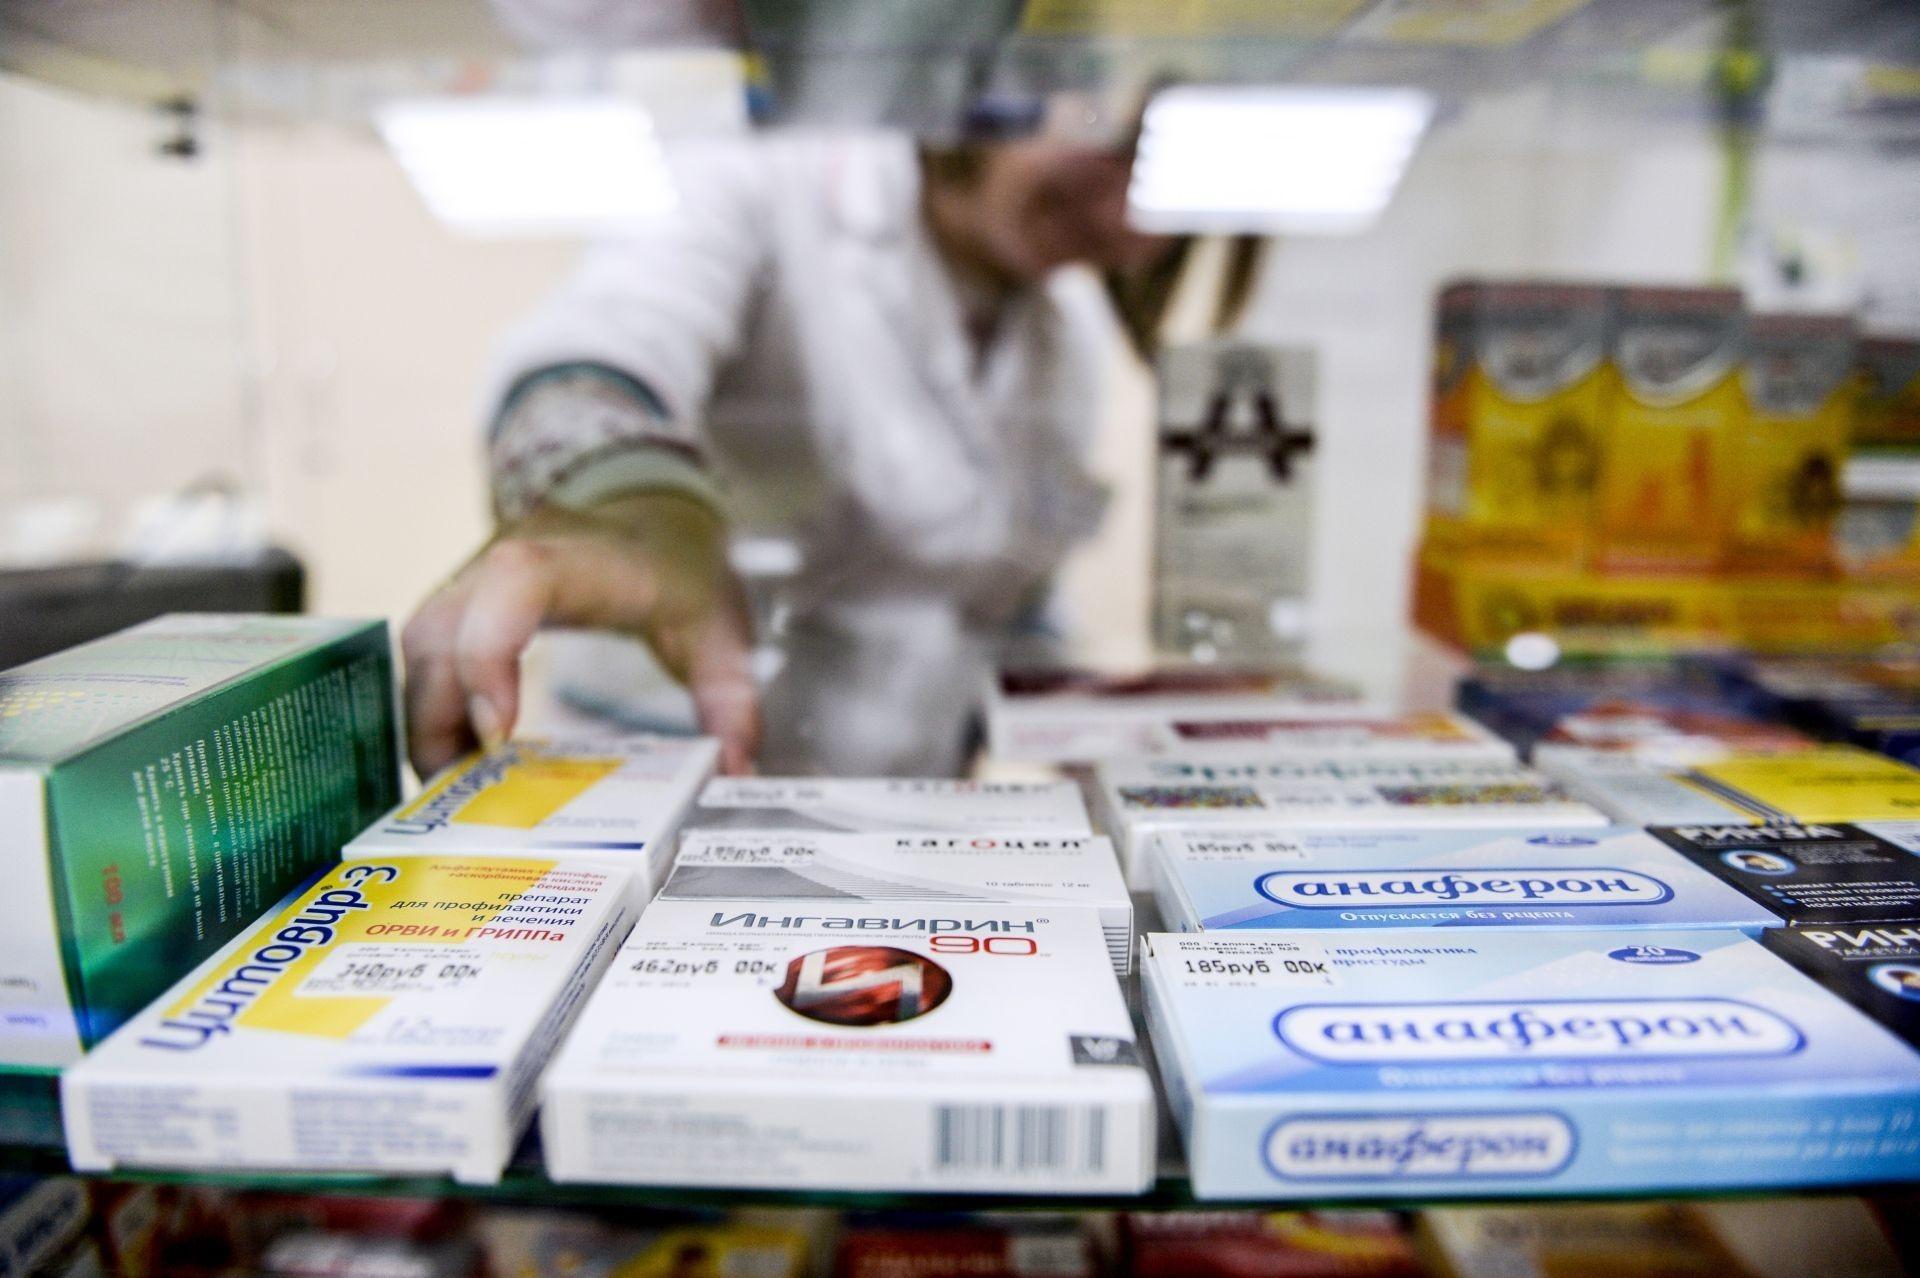 Росздравнадзор: медсотрудники стали чаще сообщать опобочных эффектах фармацевтических средств